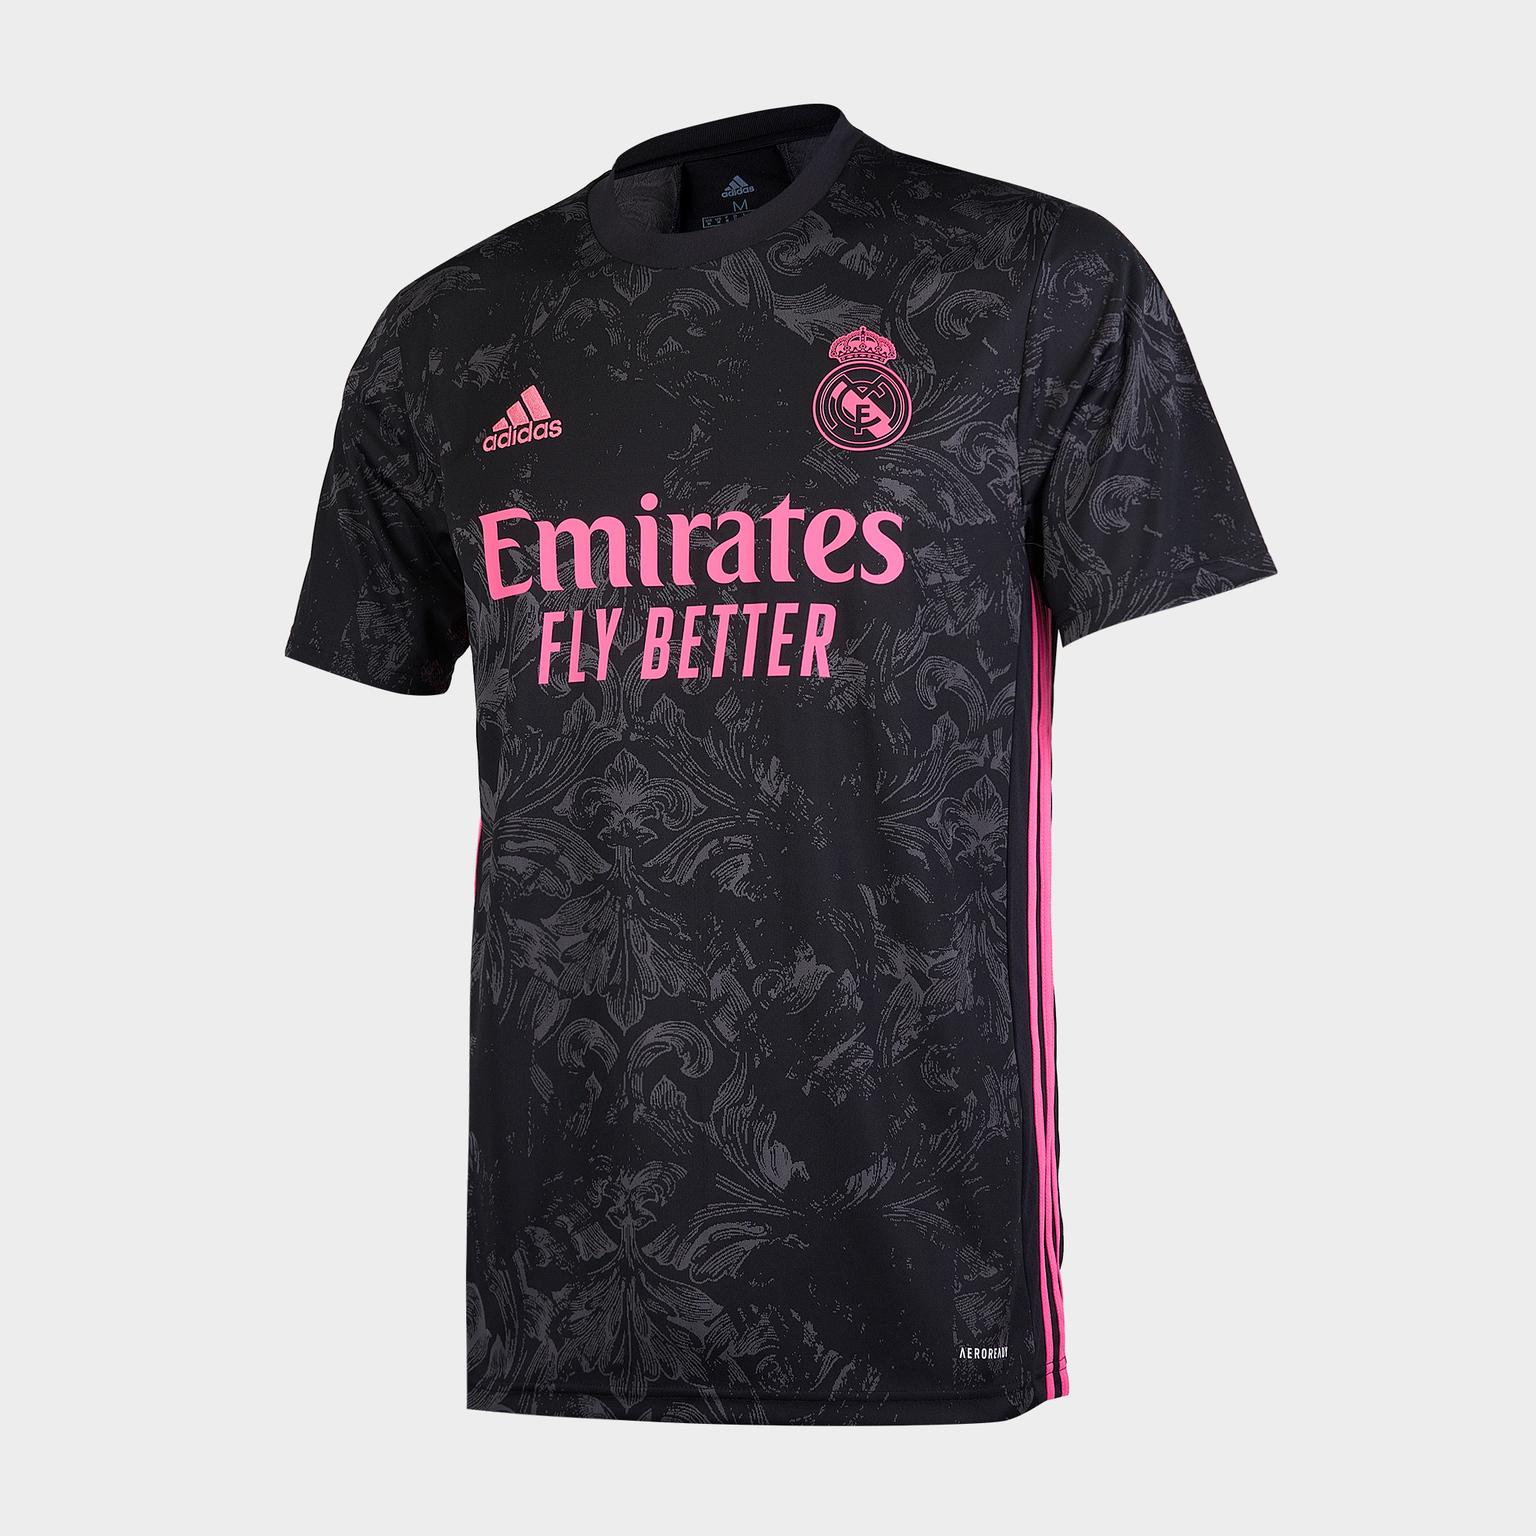 Футболка резервная Adidas Real Madrid сезон 2020/21 шорты тренировочные adidas real madrid сезон 2020 21